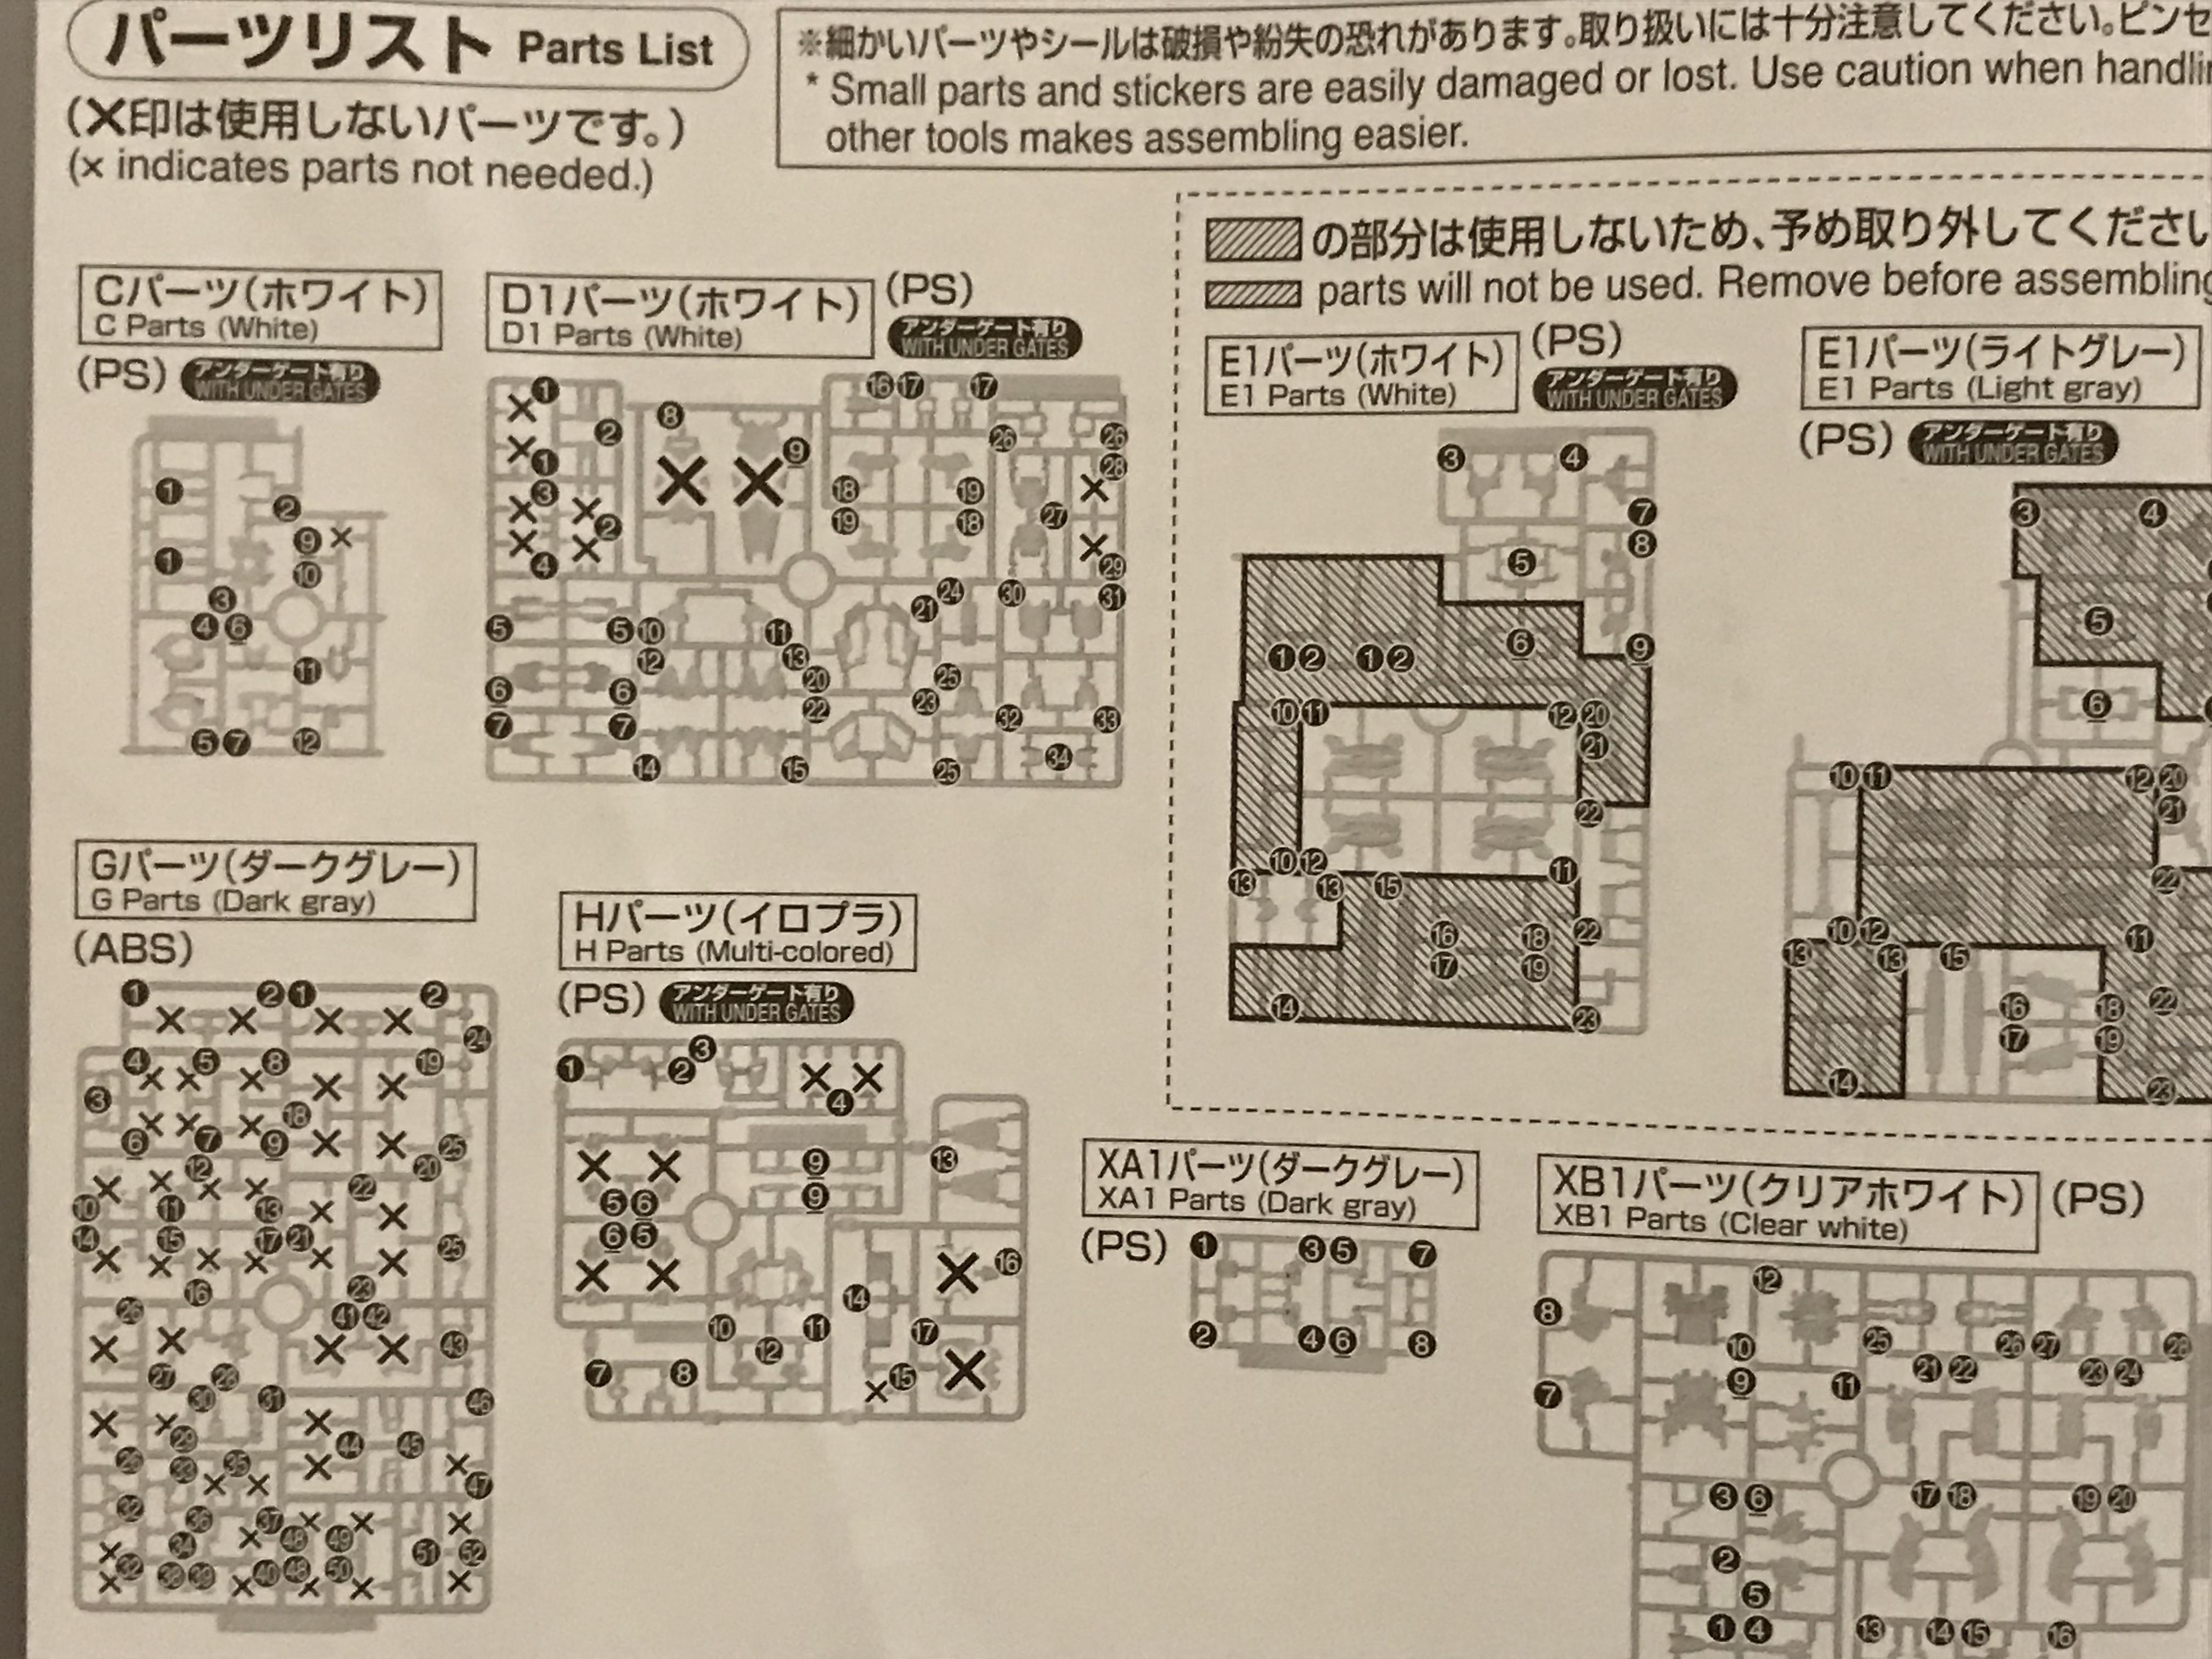 ユニコーン ガンダム 電飾